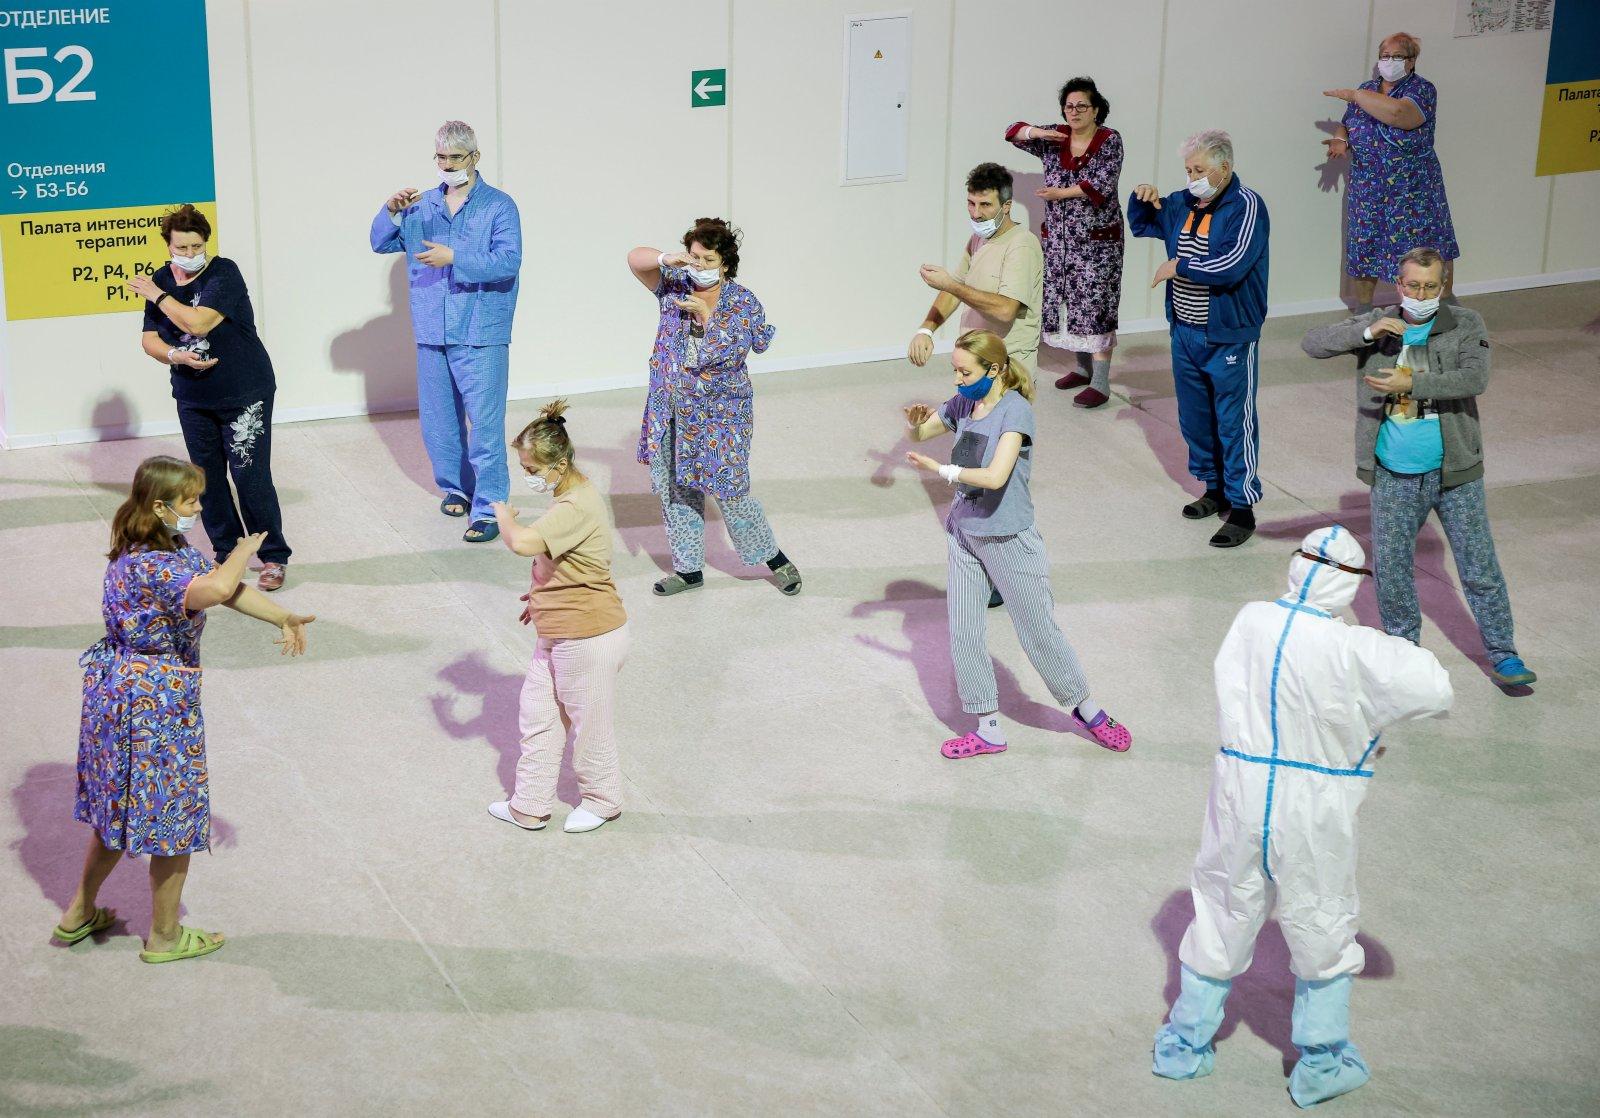 當地時間21日,莫斯科,由克雷拉茨科耶冰宮改建的臨時醫院裏,醫生帶領新冠肺炎患者打太極拳。(路透社)